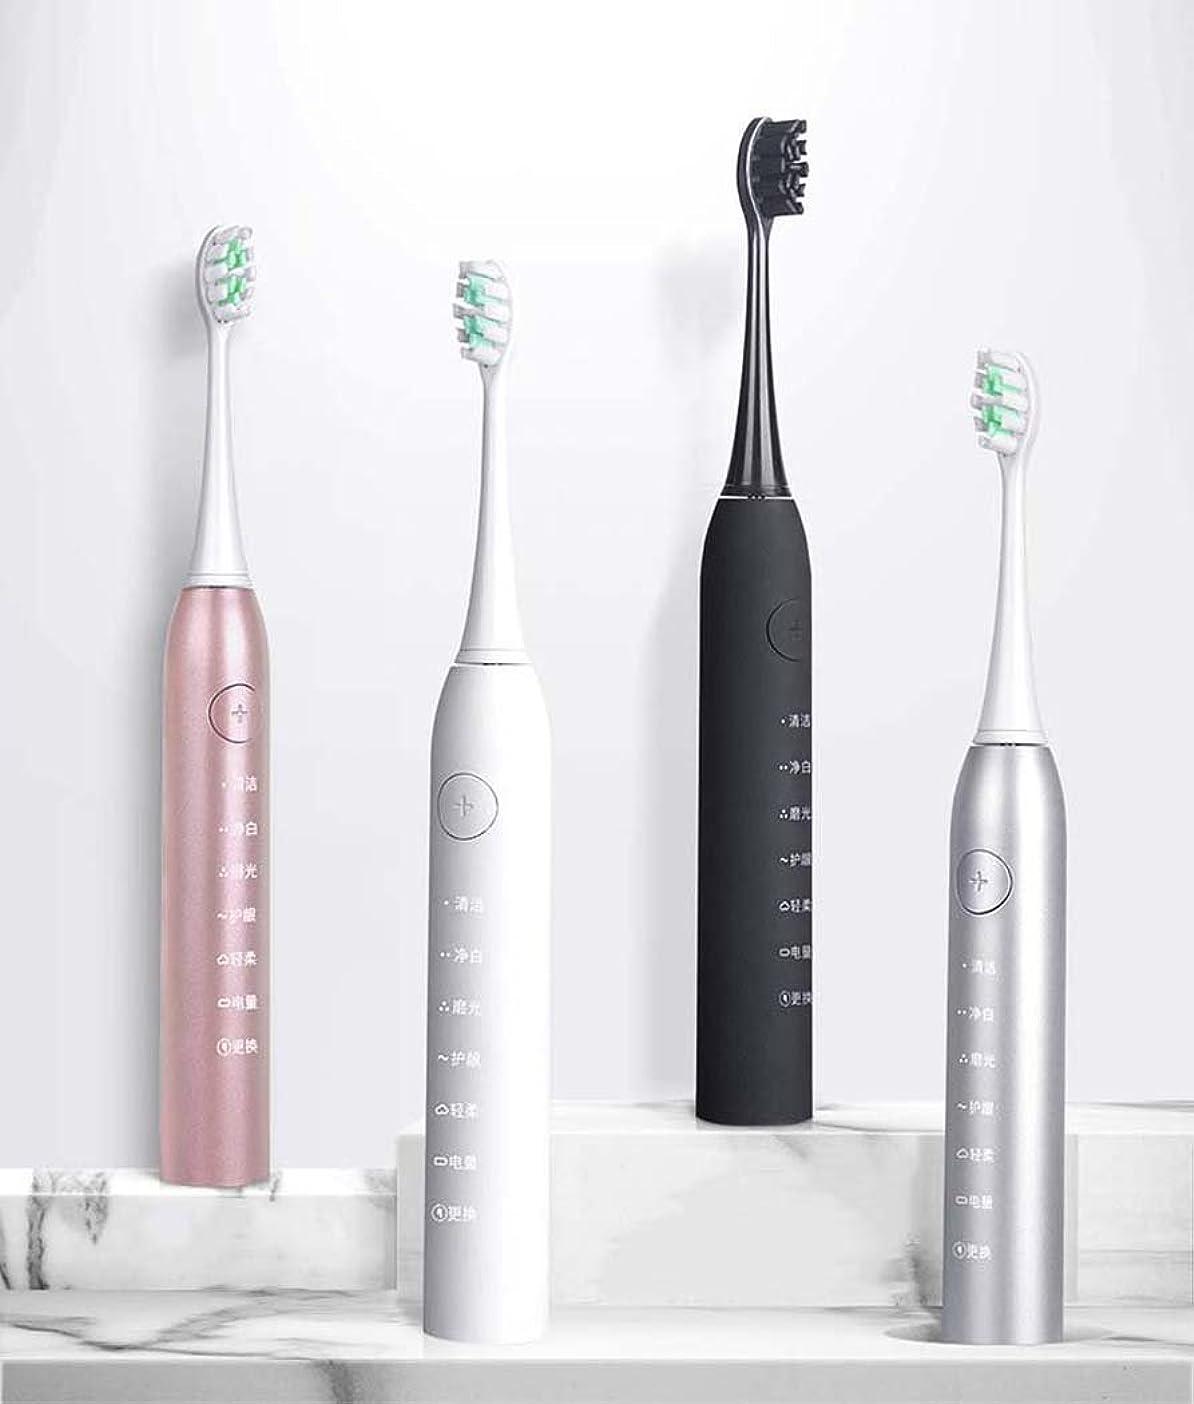 封建滅多ケント電動歯ブラシ、トラベルソニック電動歯ブラシ、大人用スマート充電自動歯ブラシ、インテリジェントタイミング、誘導充電(カラー:シルバー)